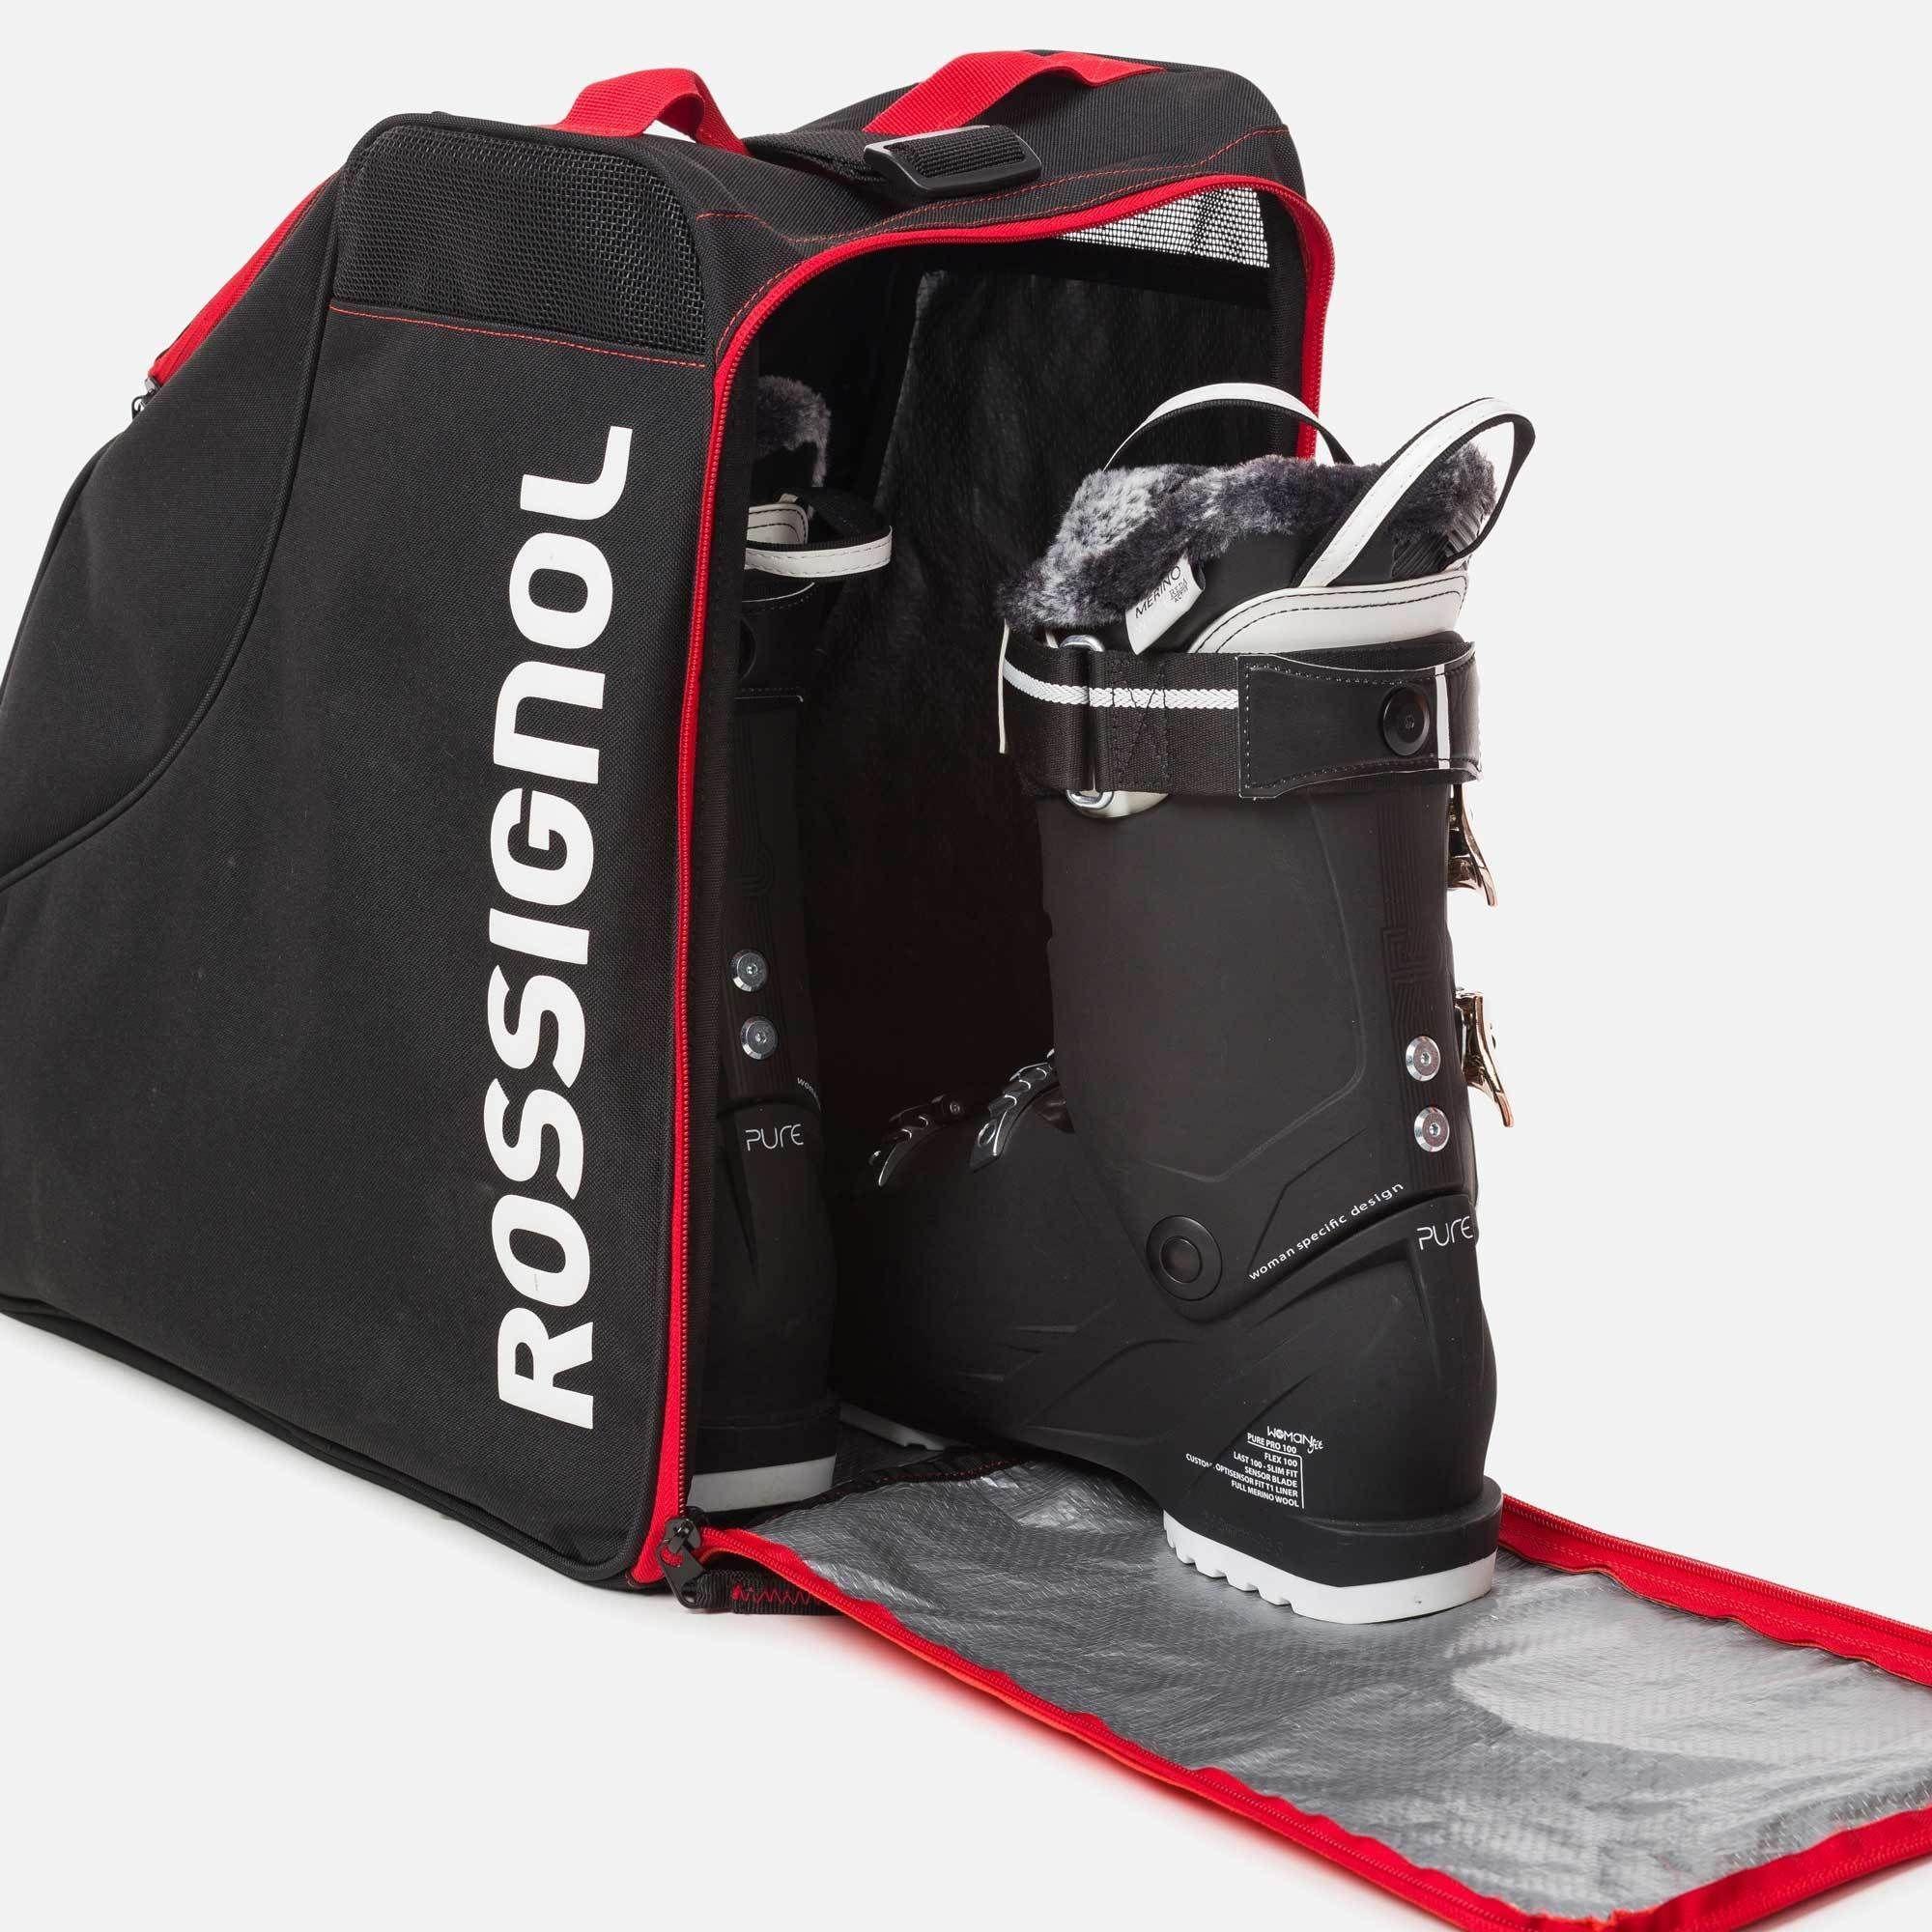 6b7859499a67e1 Rossignol TACTIC BOOT BAG PRO - Speck-Sports